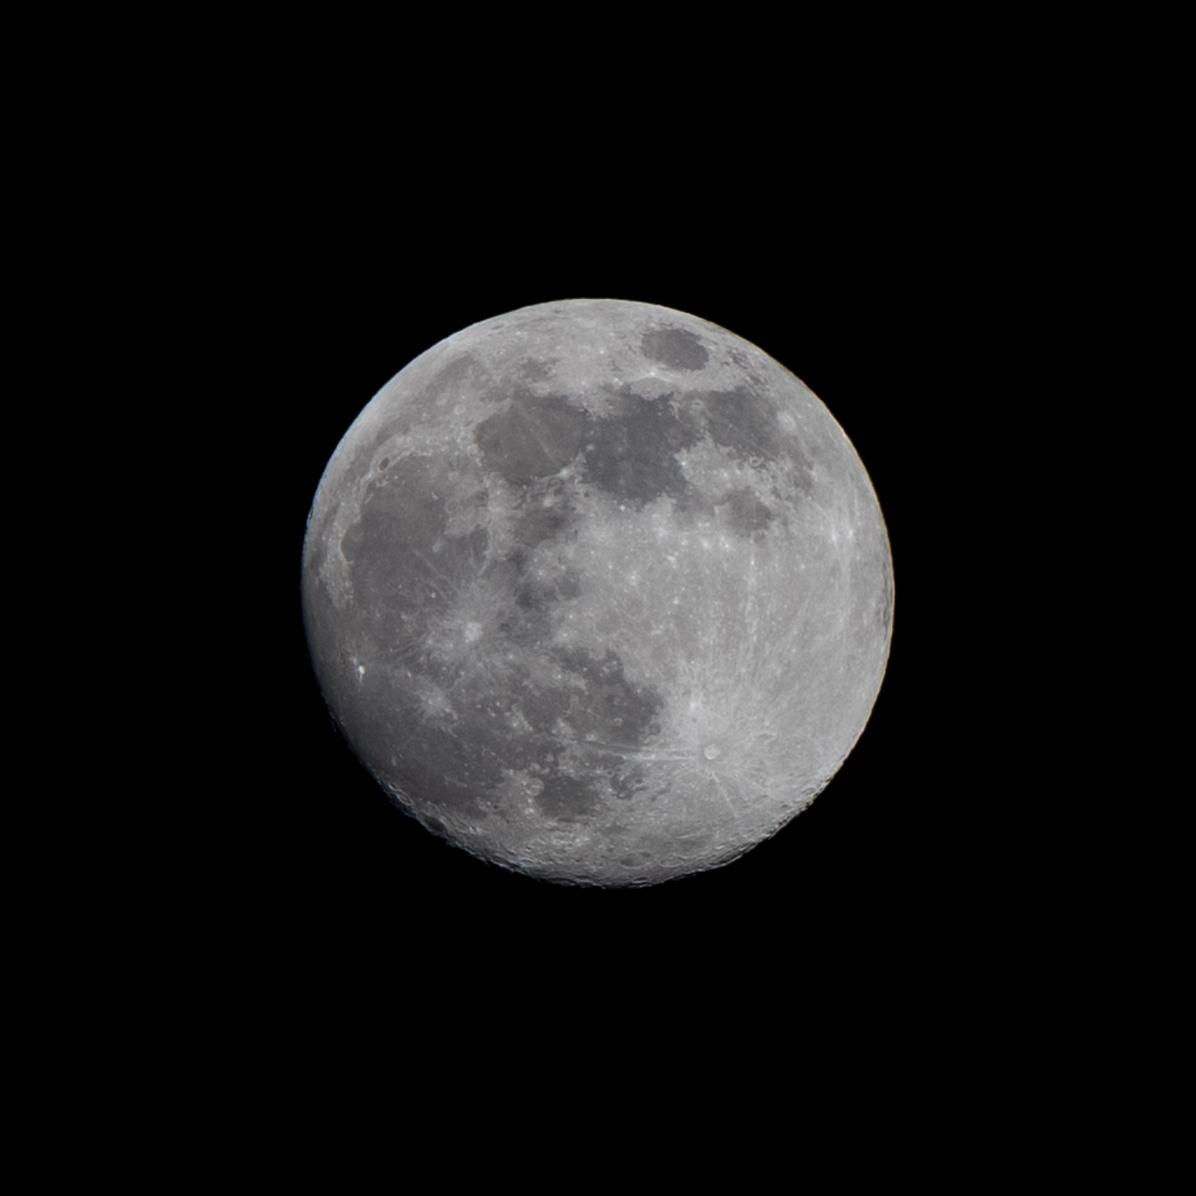 Dag 29 vanaf volle maan. 19-03-2019 Tijdstip 21.44 Maanopkomst 16.40 Maanondergang 06.27 (Maan 29) Muzieknummer van dag 29: Stregata dalla luna' , soundtrack van de film 'Moonstruck'. Marieke Fernhout, dank je wel voor het aanleveren! Alle nummers zijn te beluisteren via: de Moonsongs-playlist: https://open.spotify.com/playlist/4som6hoVBAn8mI5Jabtm2o